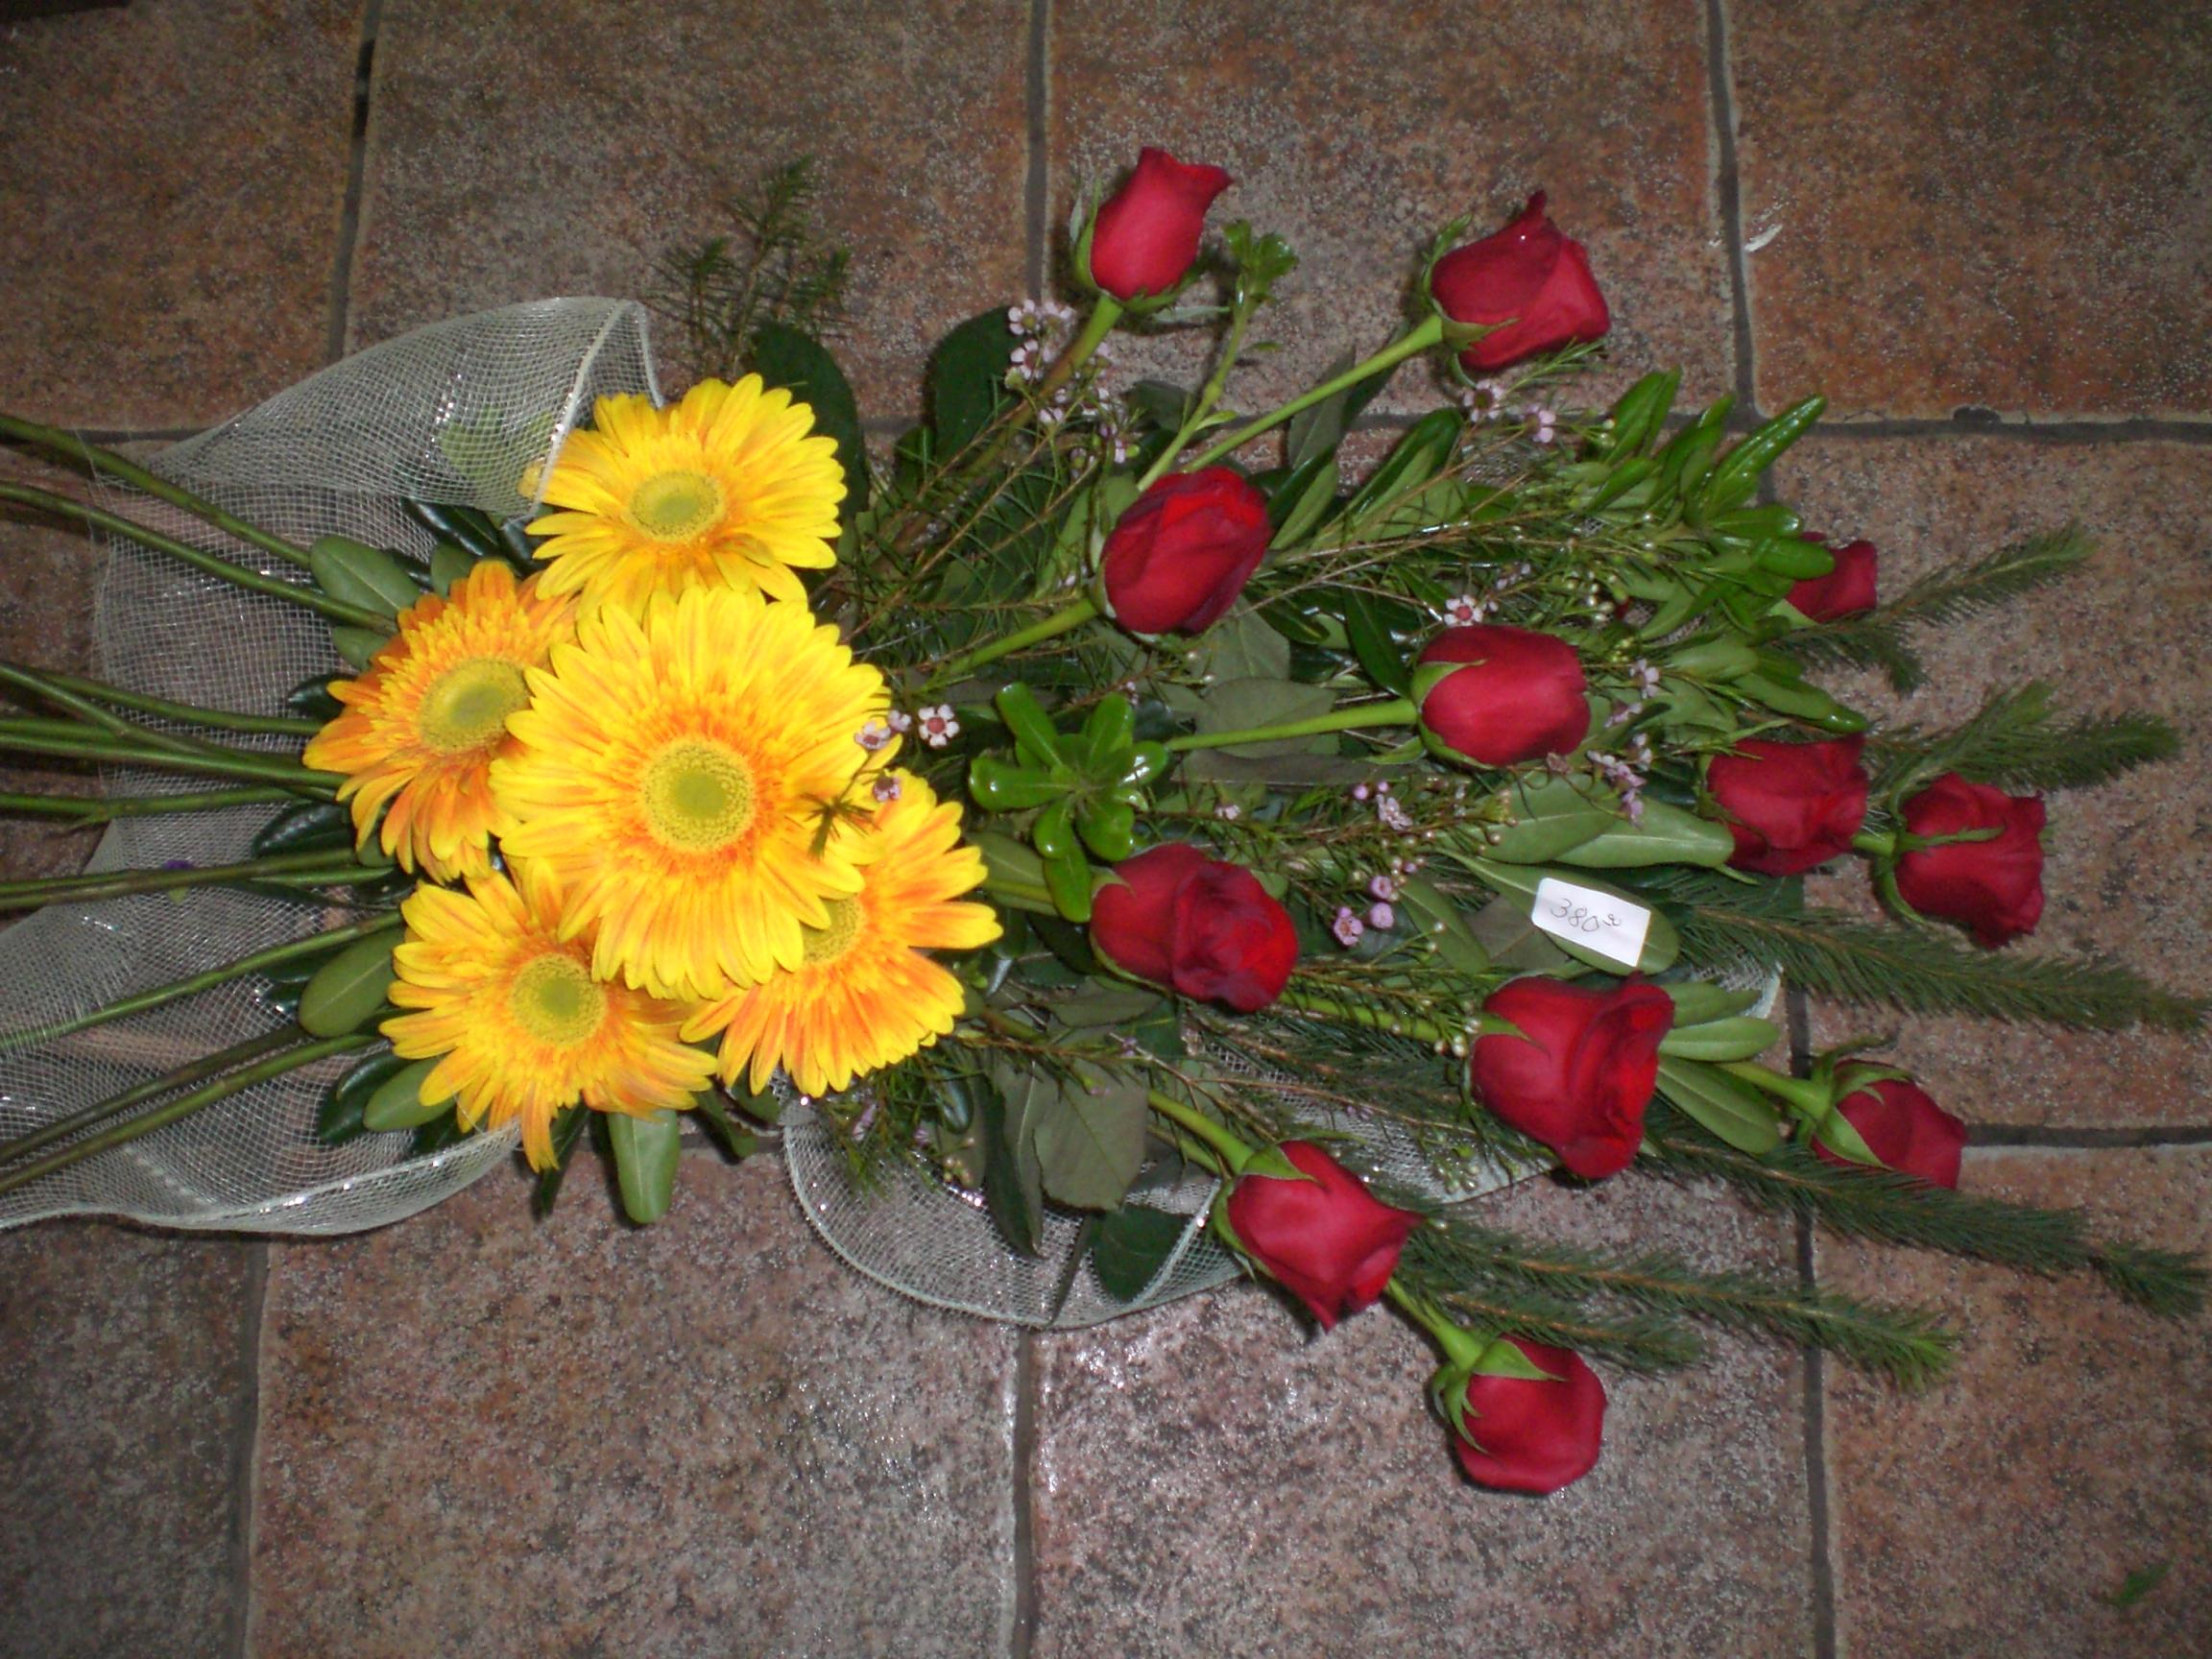 Top arreglos florales con flores naturales images for - Arreglo de flores naturales ...